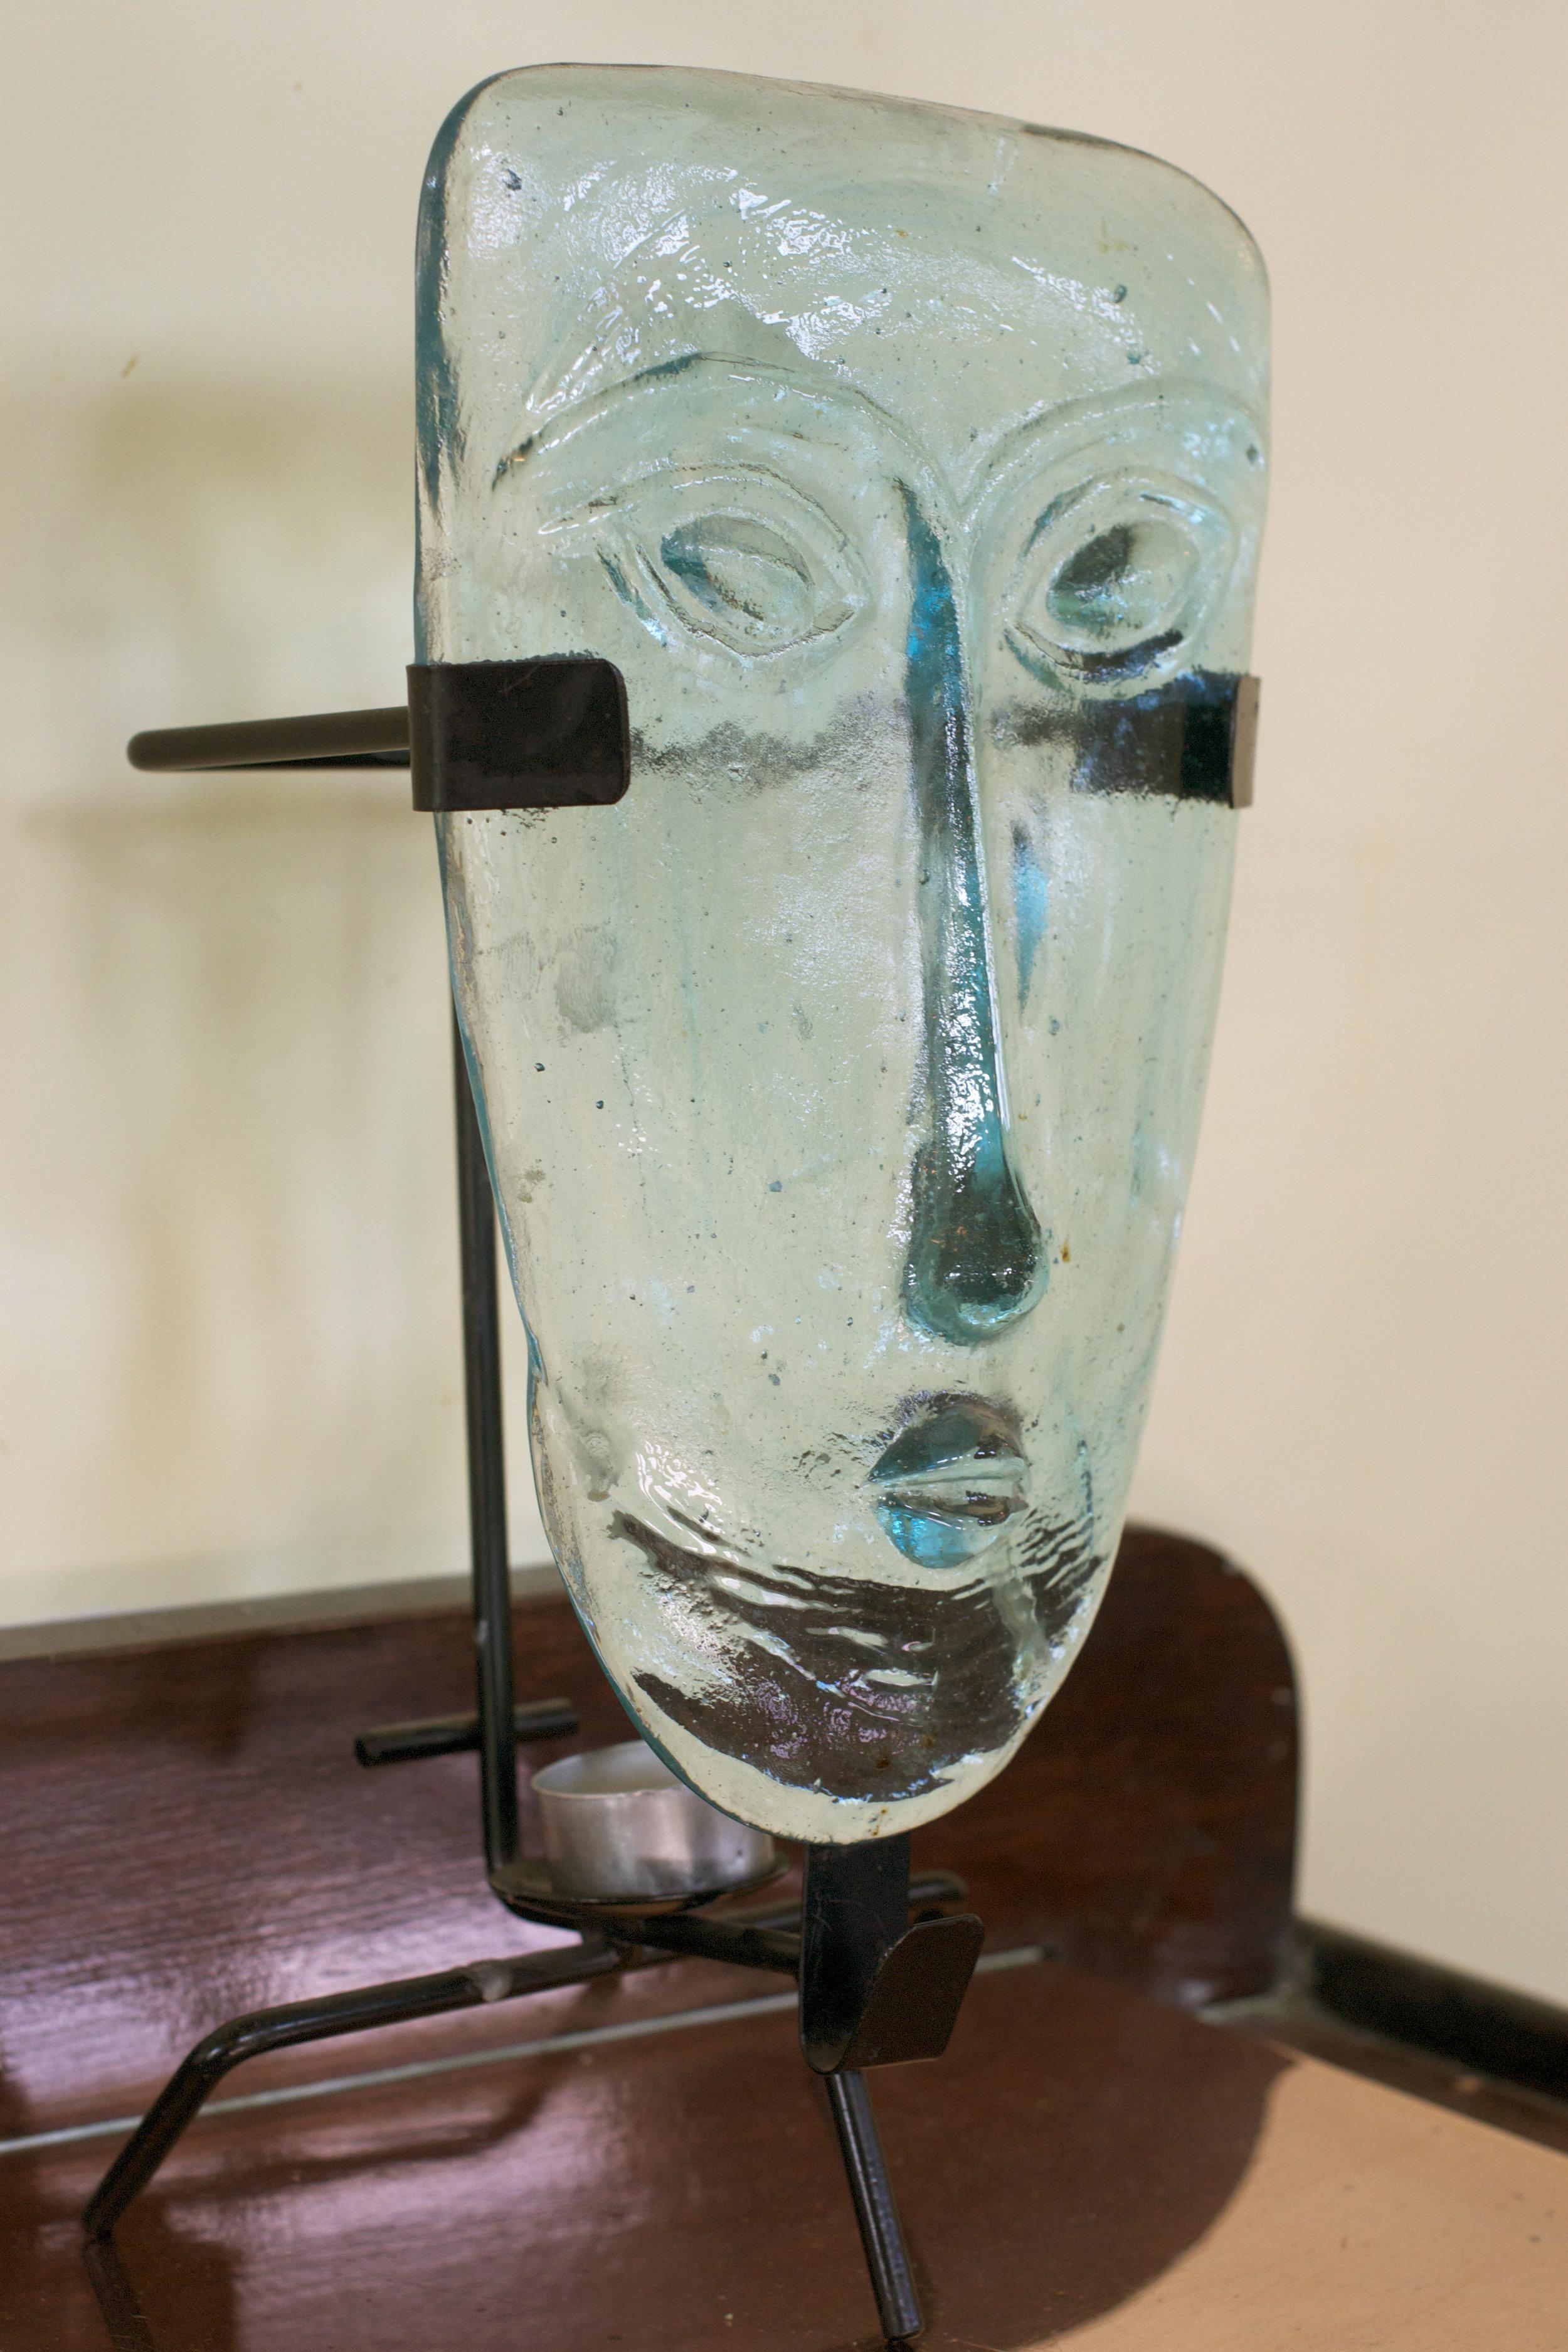 glass-face-sculpture.jpg